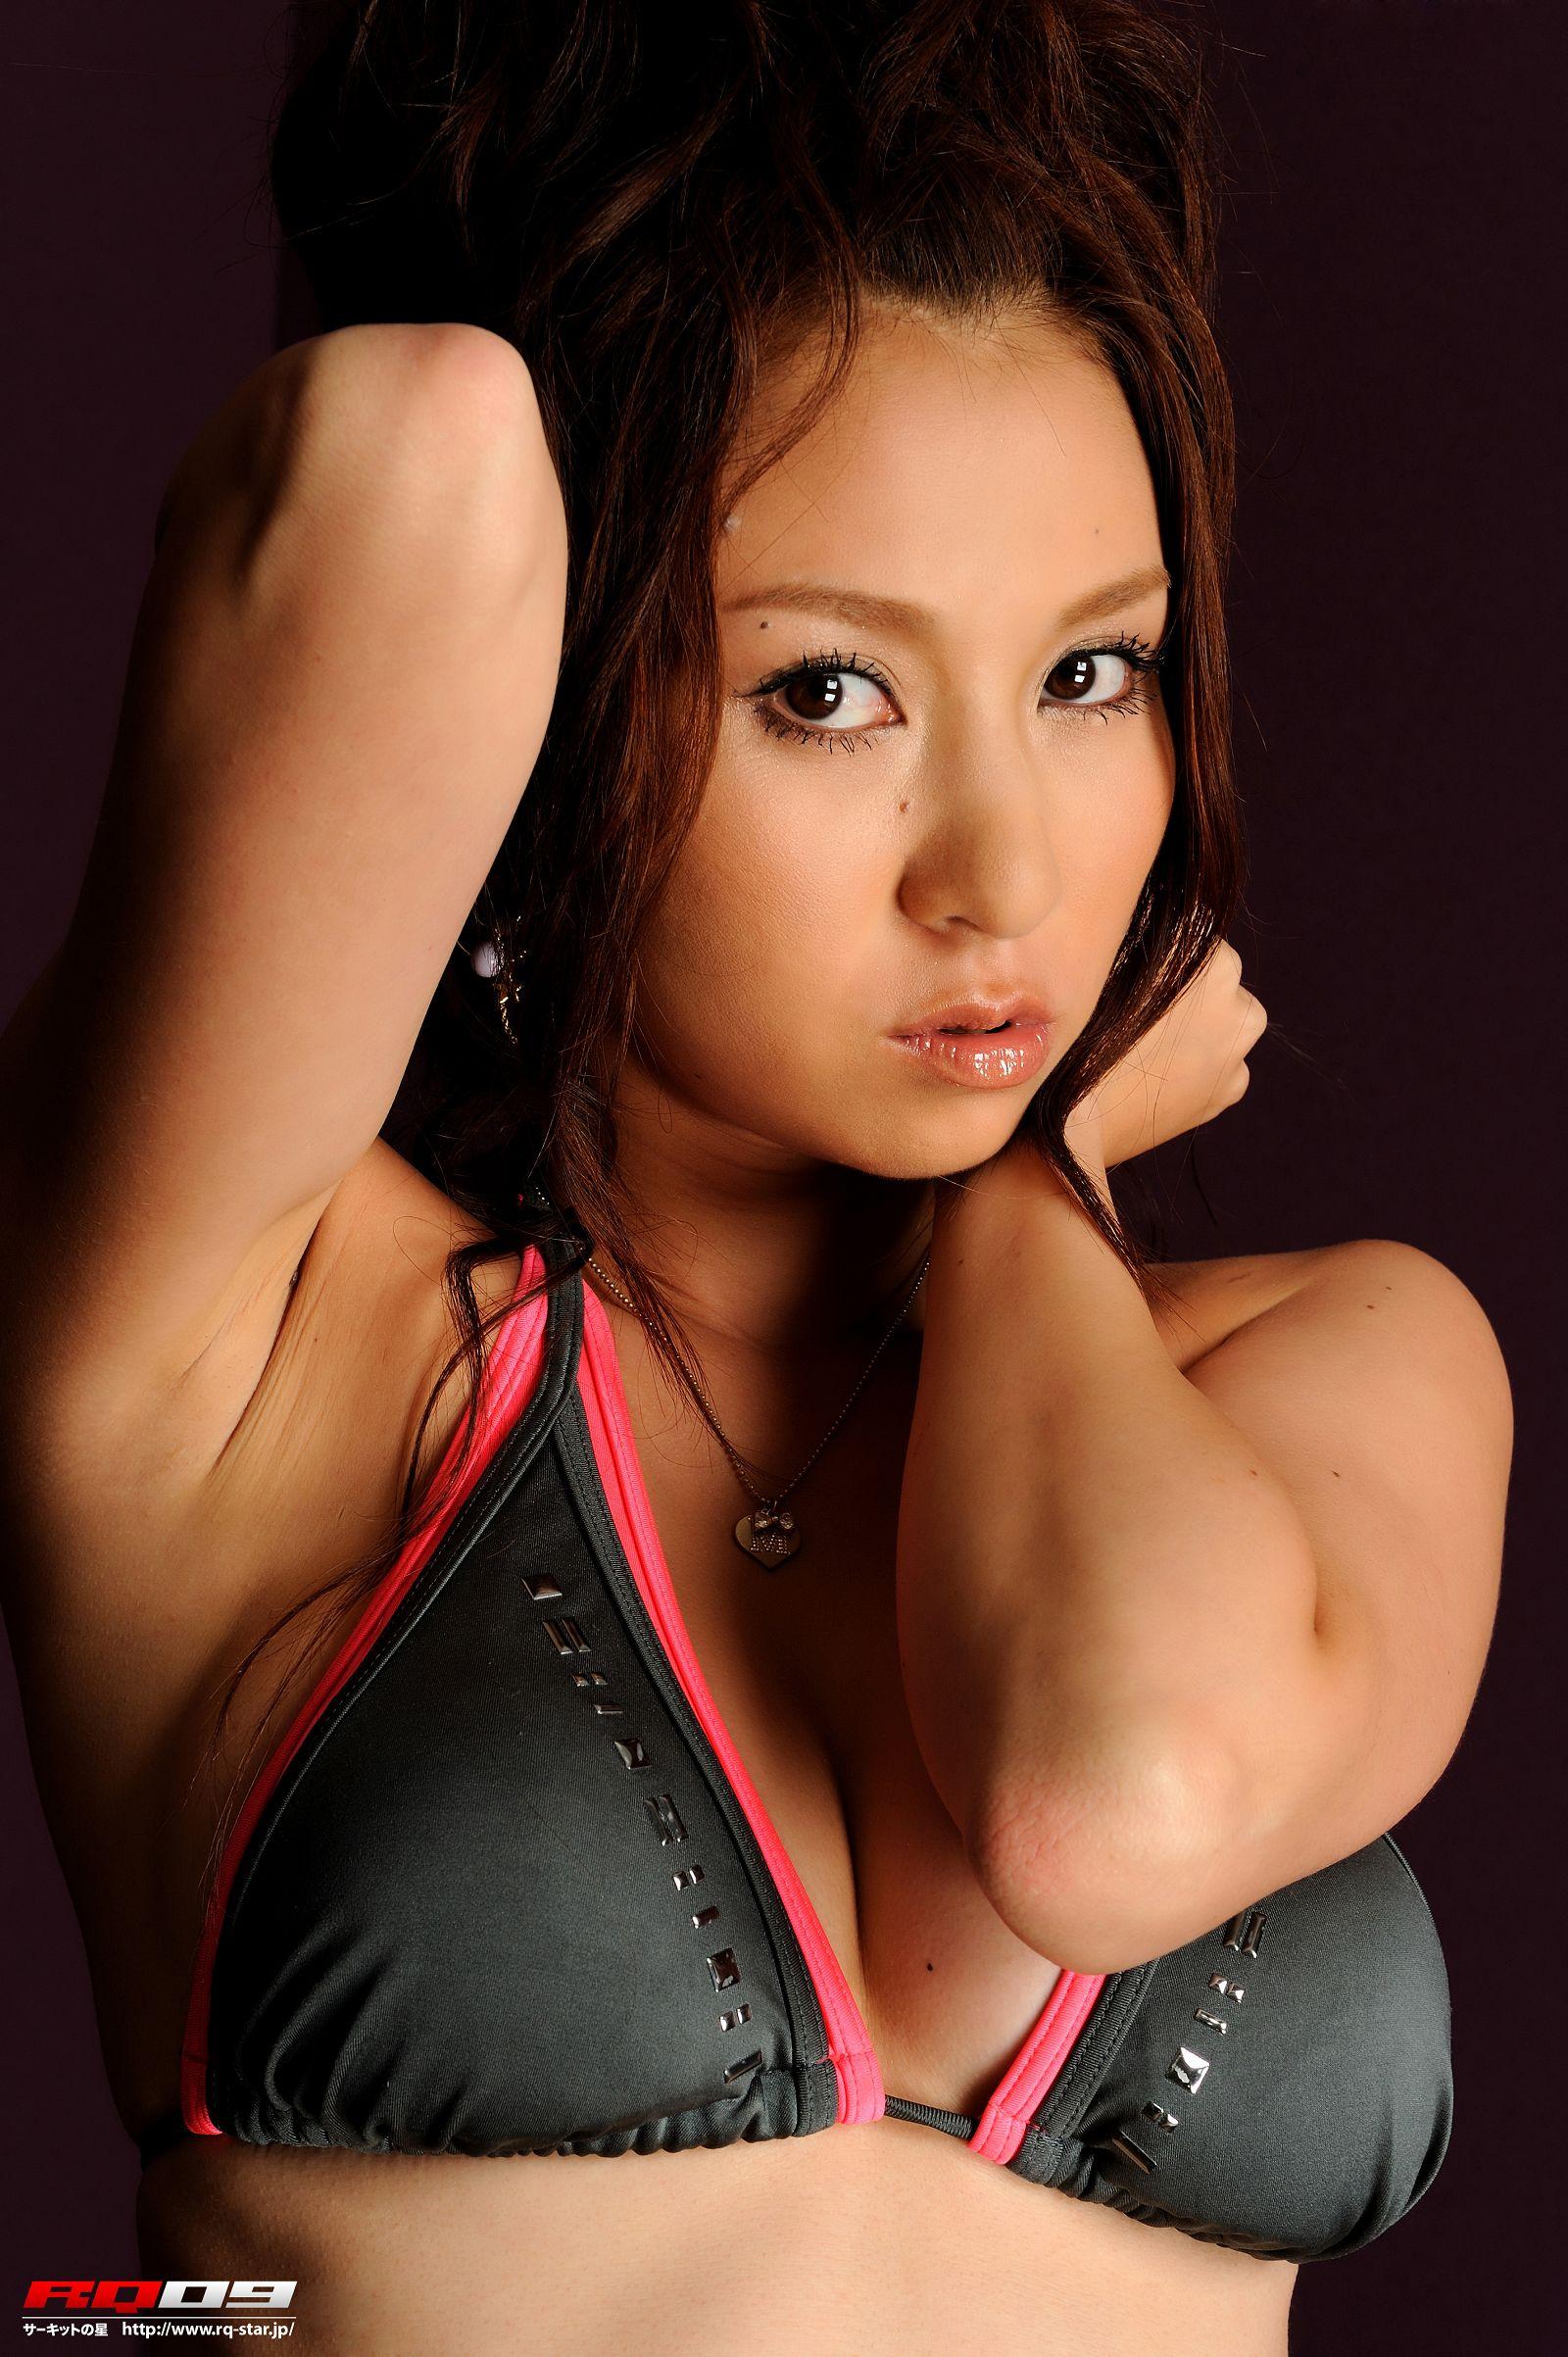 [RQ STAR美女] NO.0191 Megumi Yano 矢野めぐみ Swim Suits[72P] RQ STAR 第3张